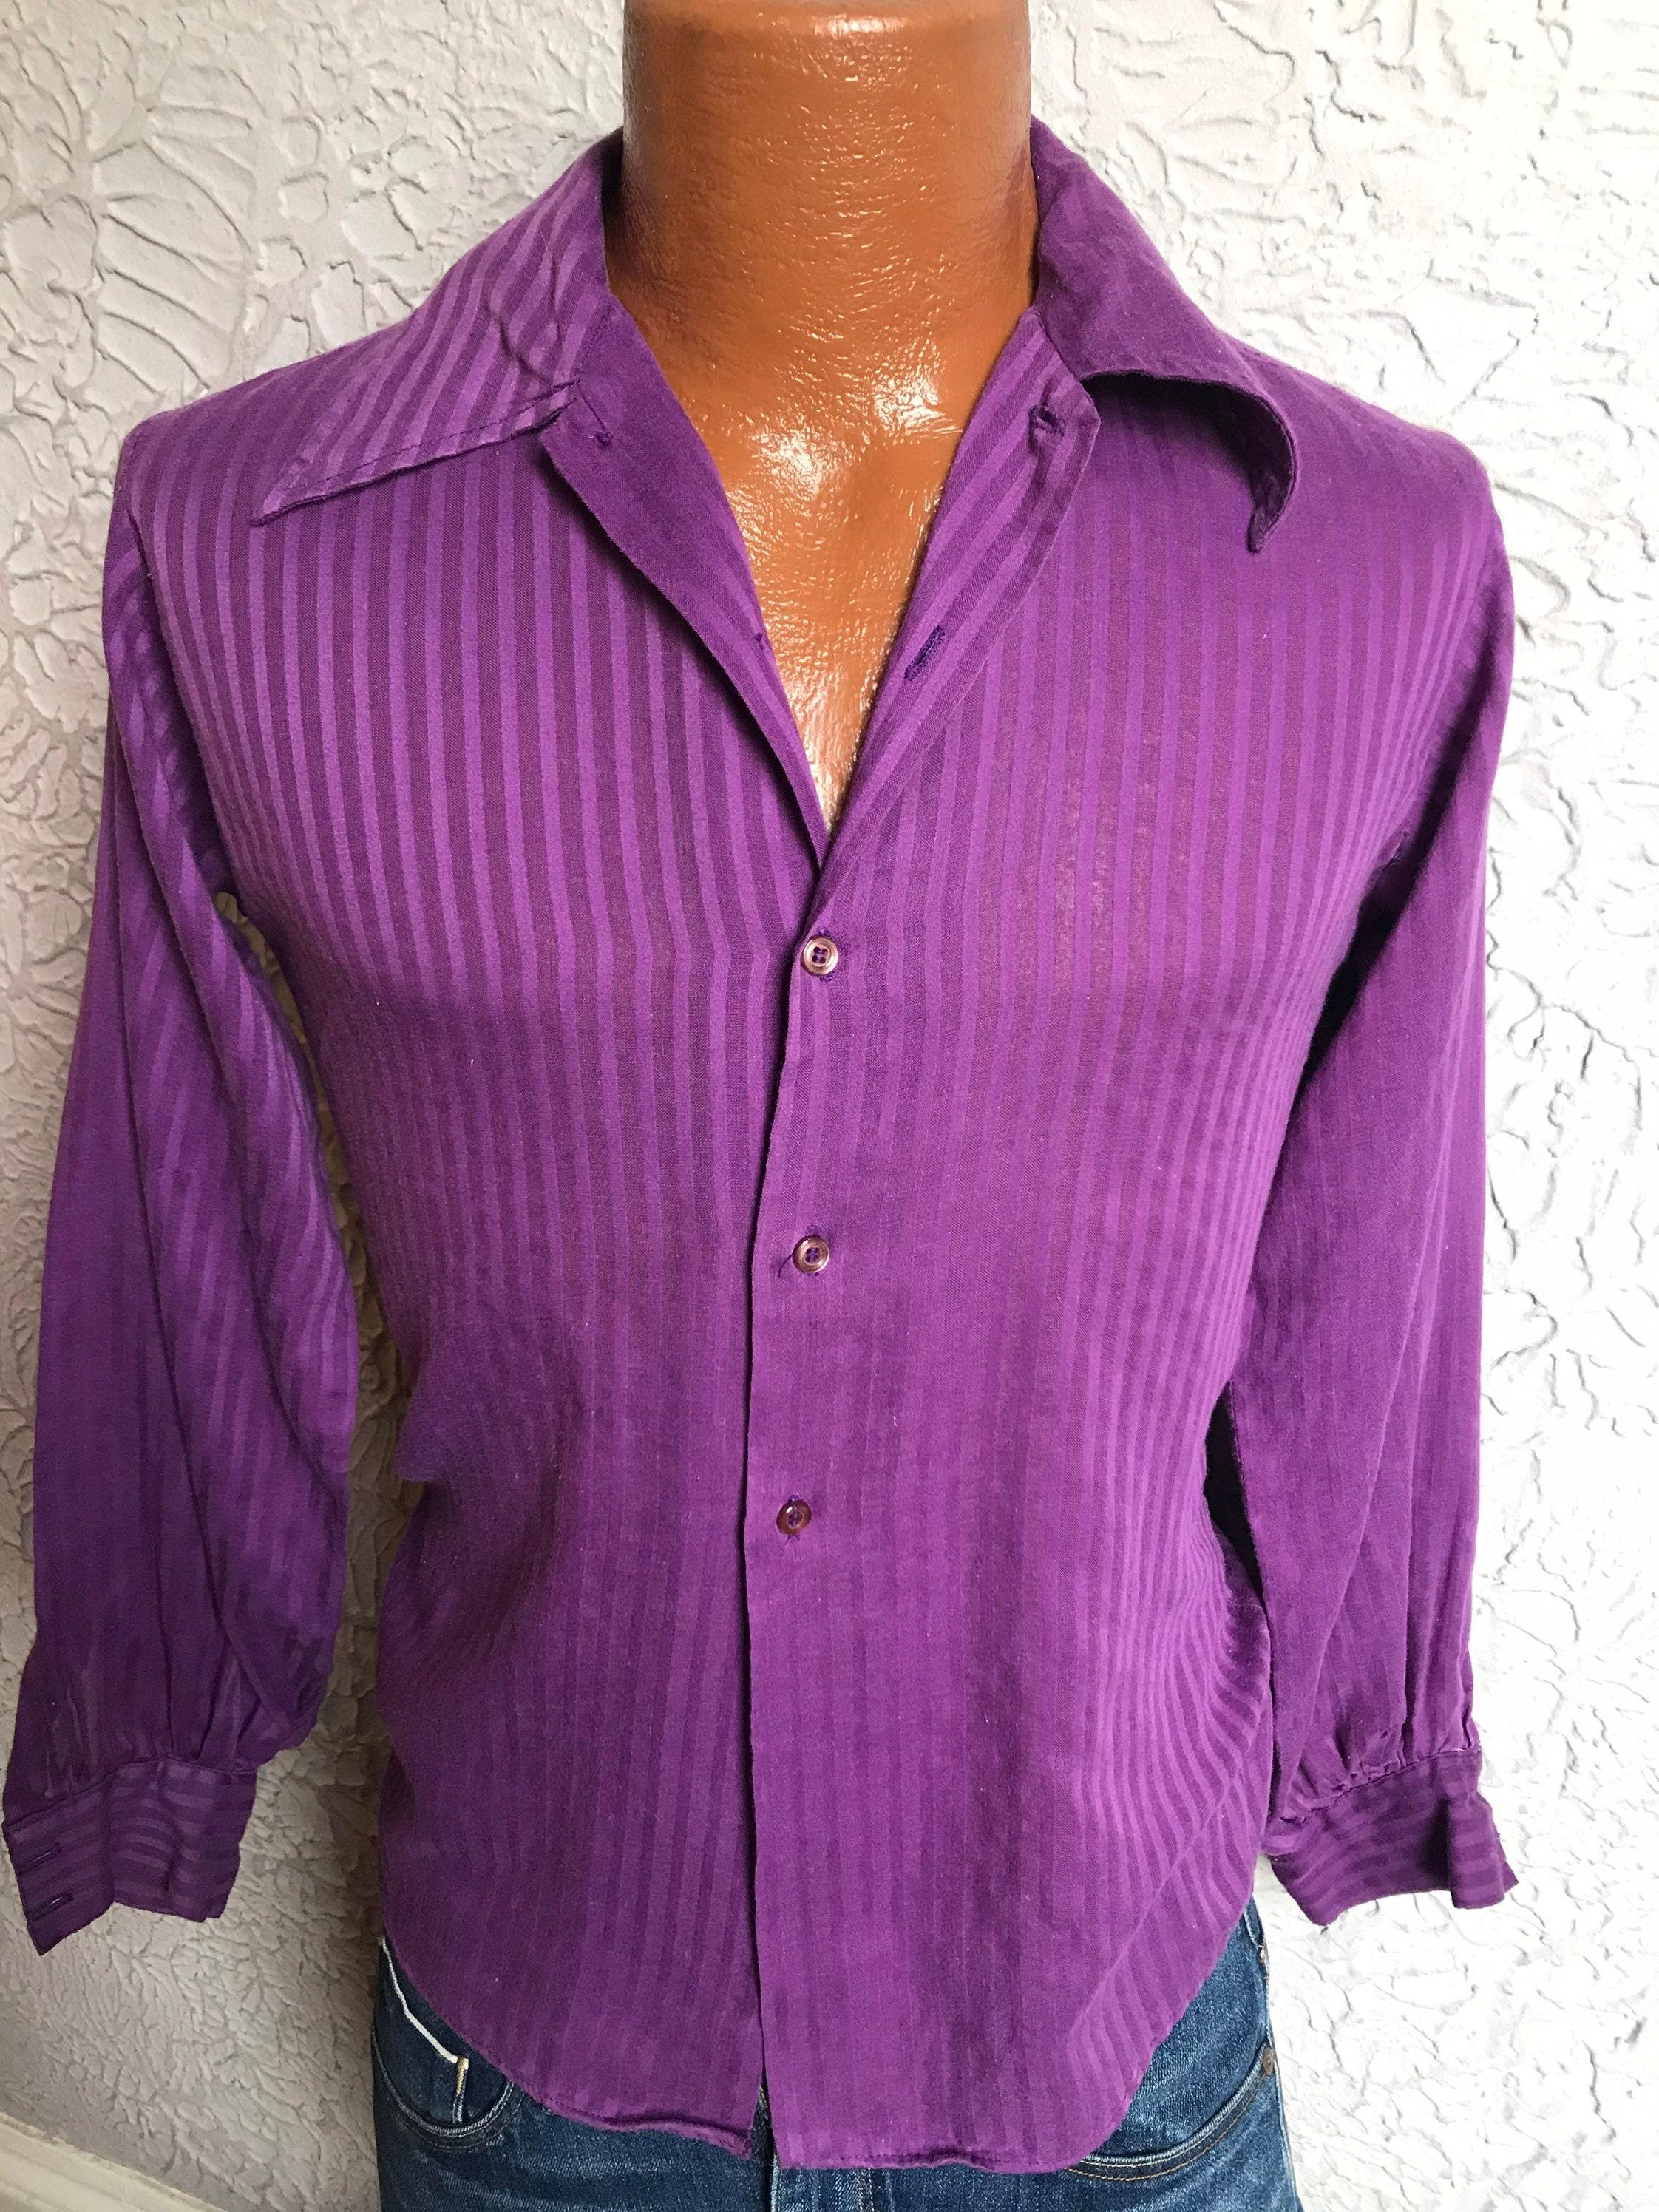 1960s – 70s Men's Ties | Skinny Ties, Slim Ties 60s70s Vintage Mens Mod Regency Purple Shirt Xs $79.00 AT vintagedancer.com